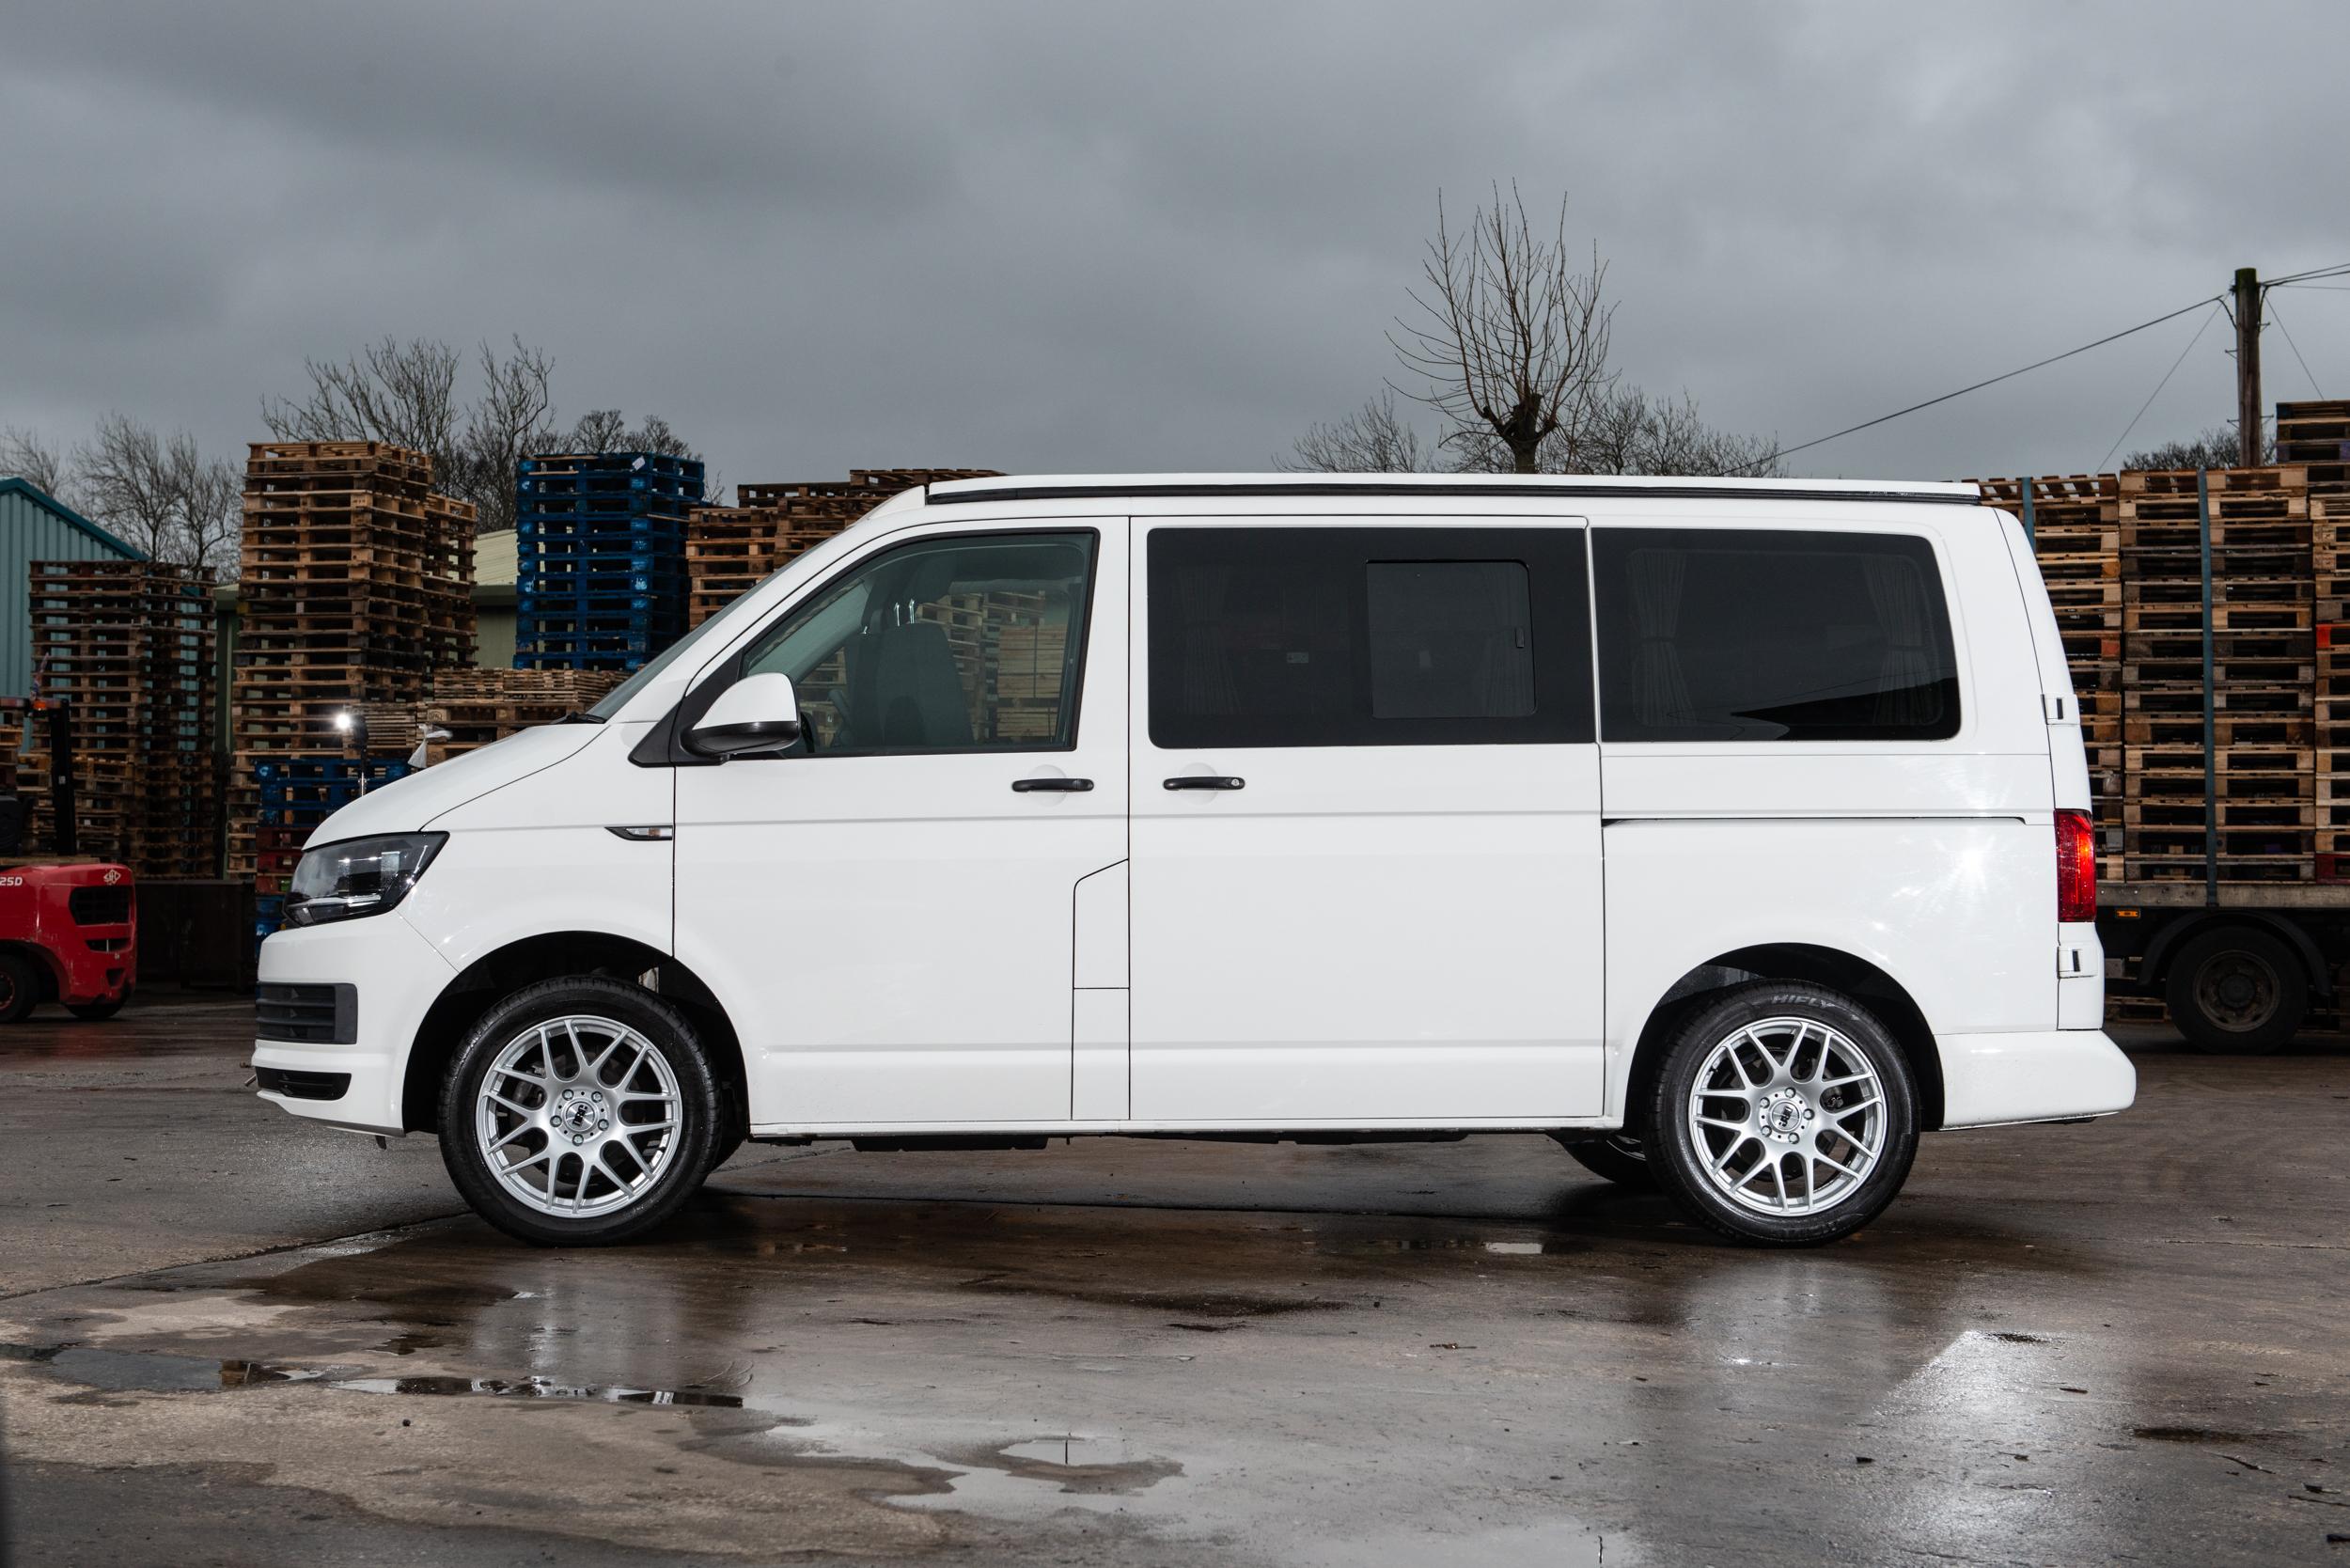 VW Camper Conversions, Sales, Servicing & Repair | VW Camper Van